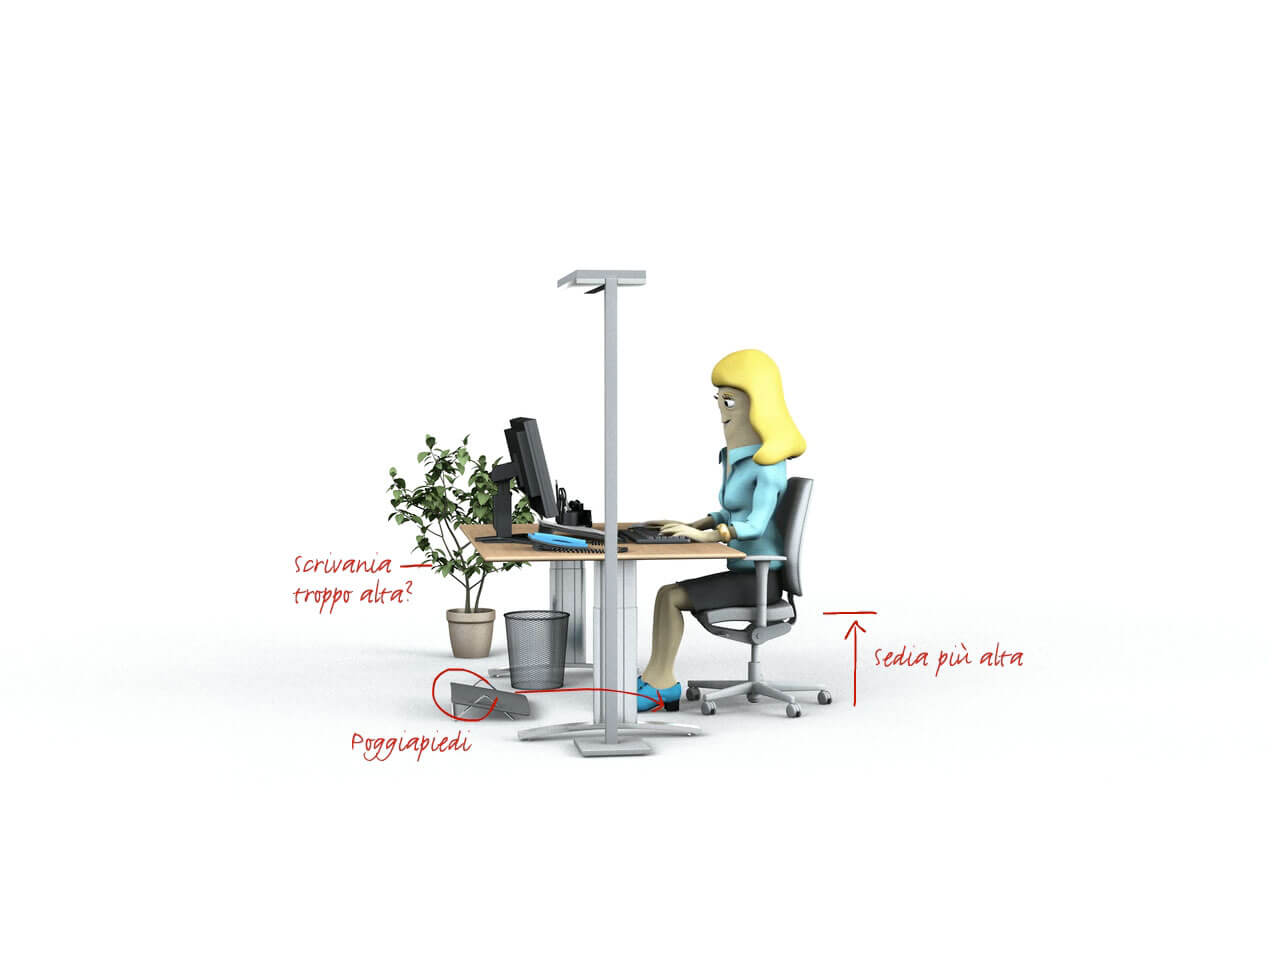 Box CFSL: Poggiapiedi - Requisiti per mobili da ufficio ergonomici